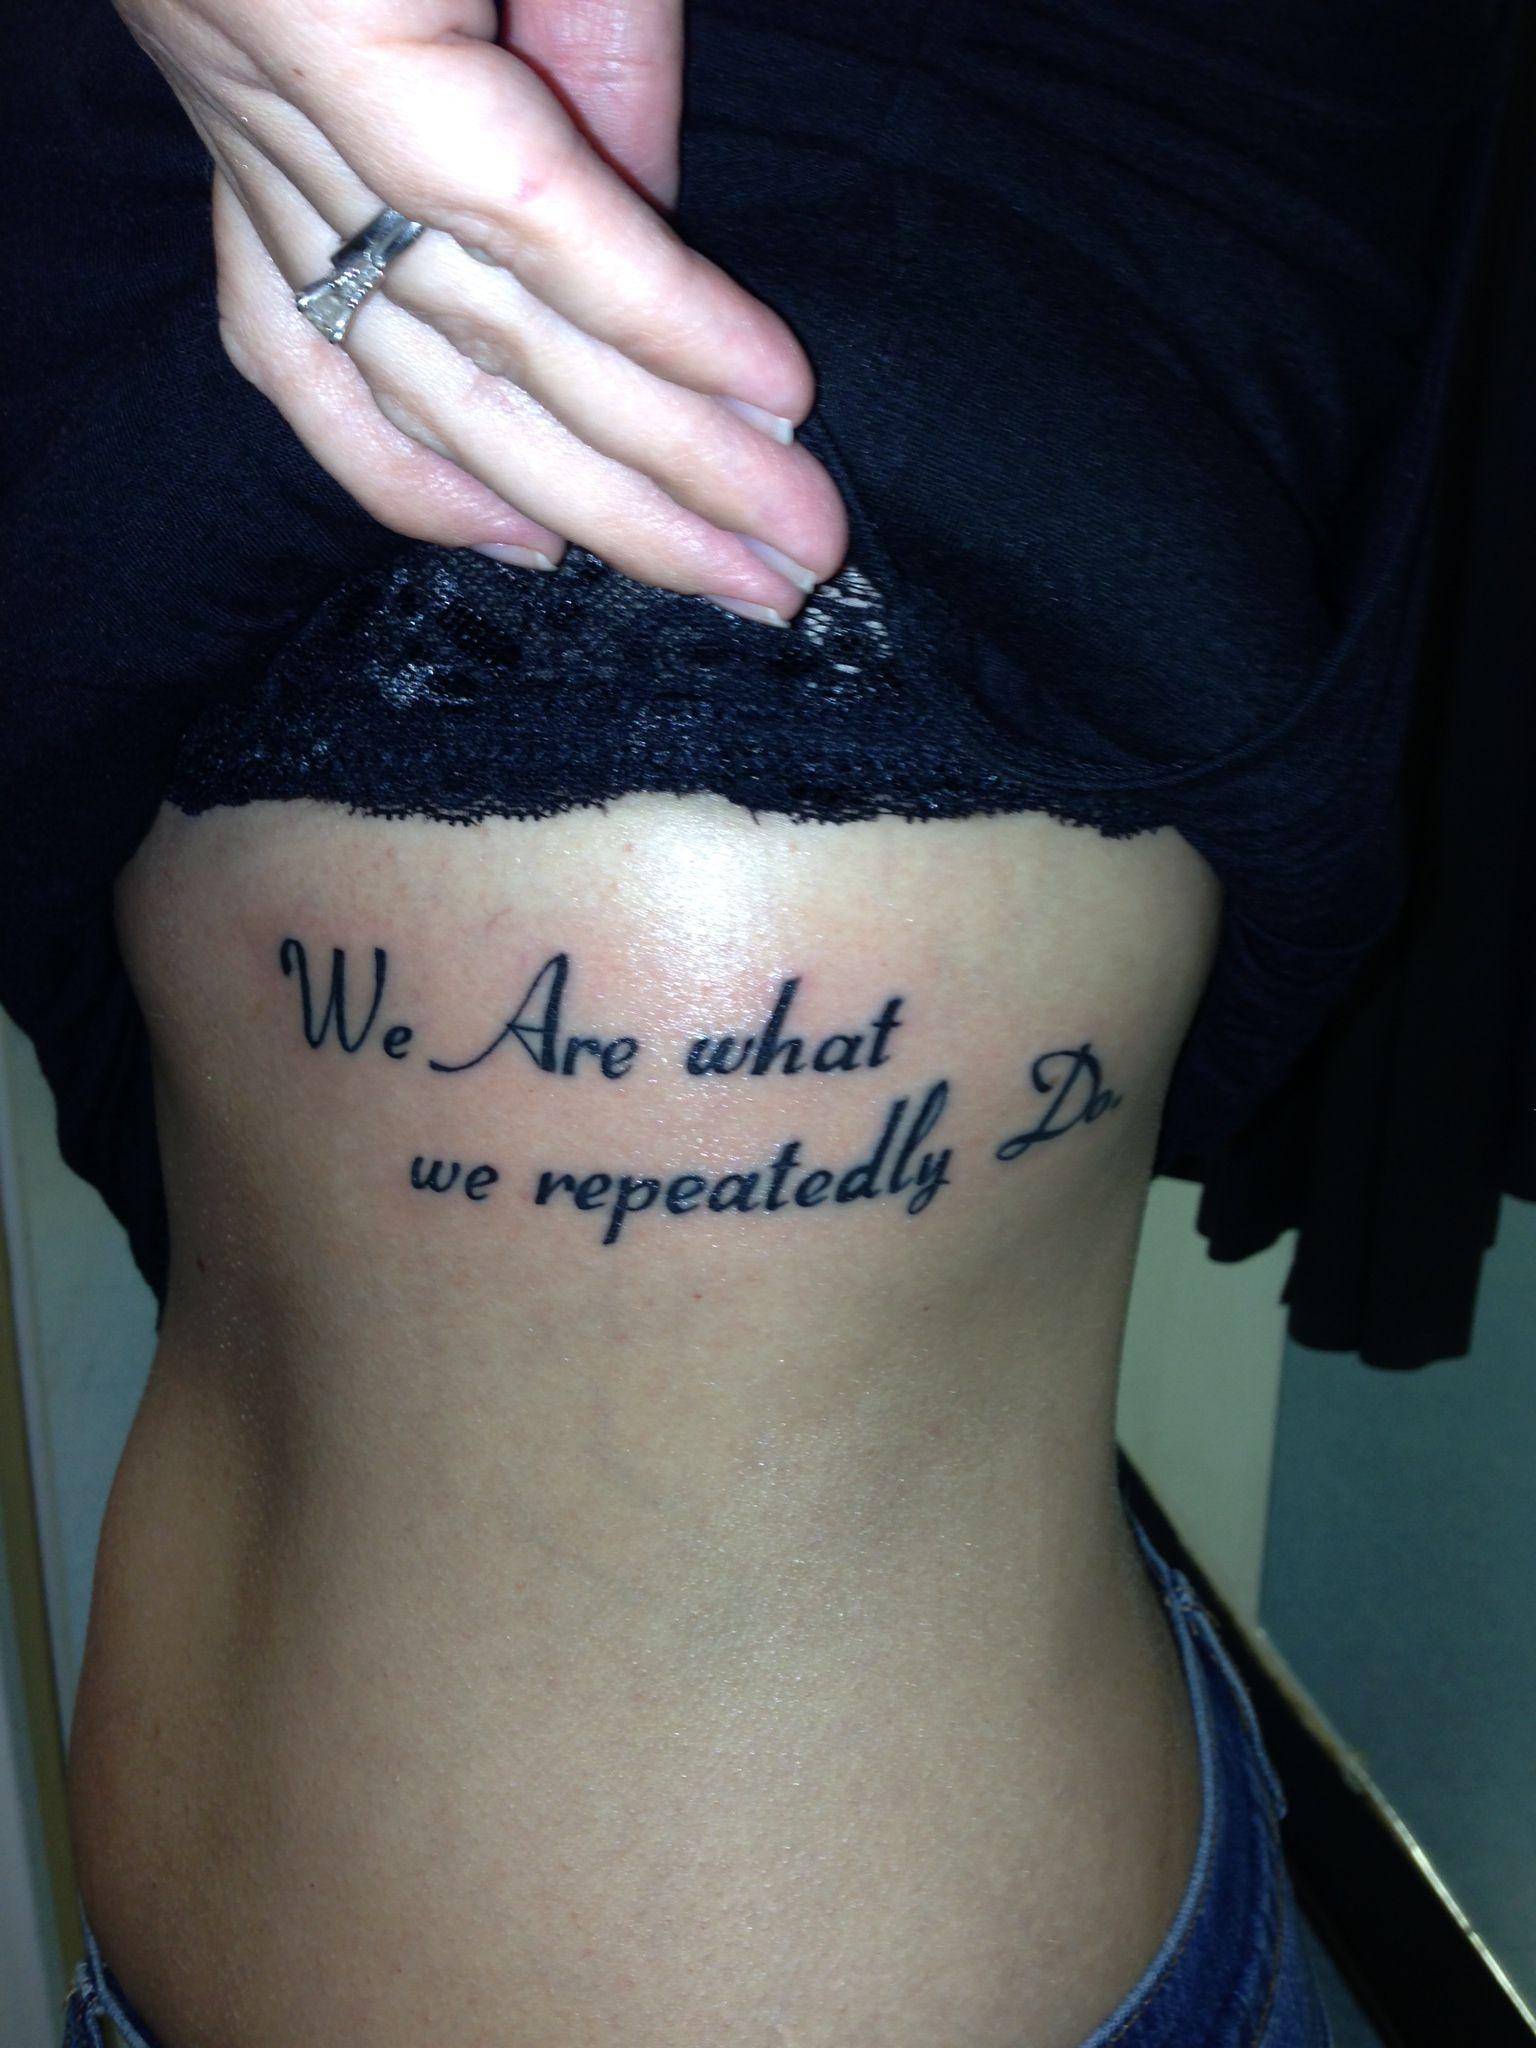 My new Aristotle quote tattoo | Band Geek Stuff | Pinterest - Schöne Tattoo Sprüche